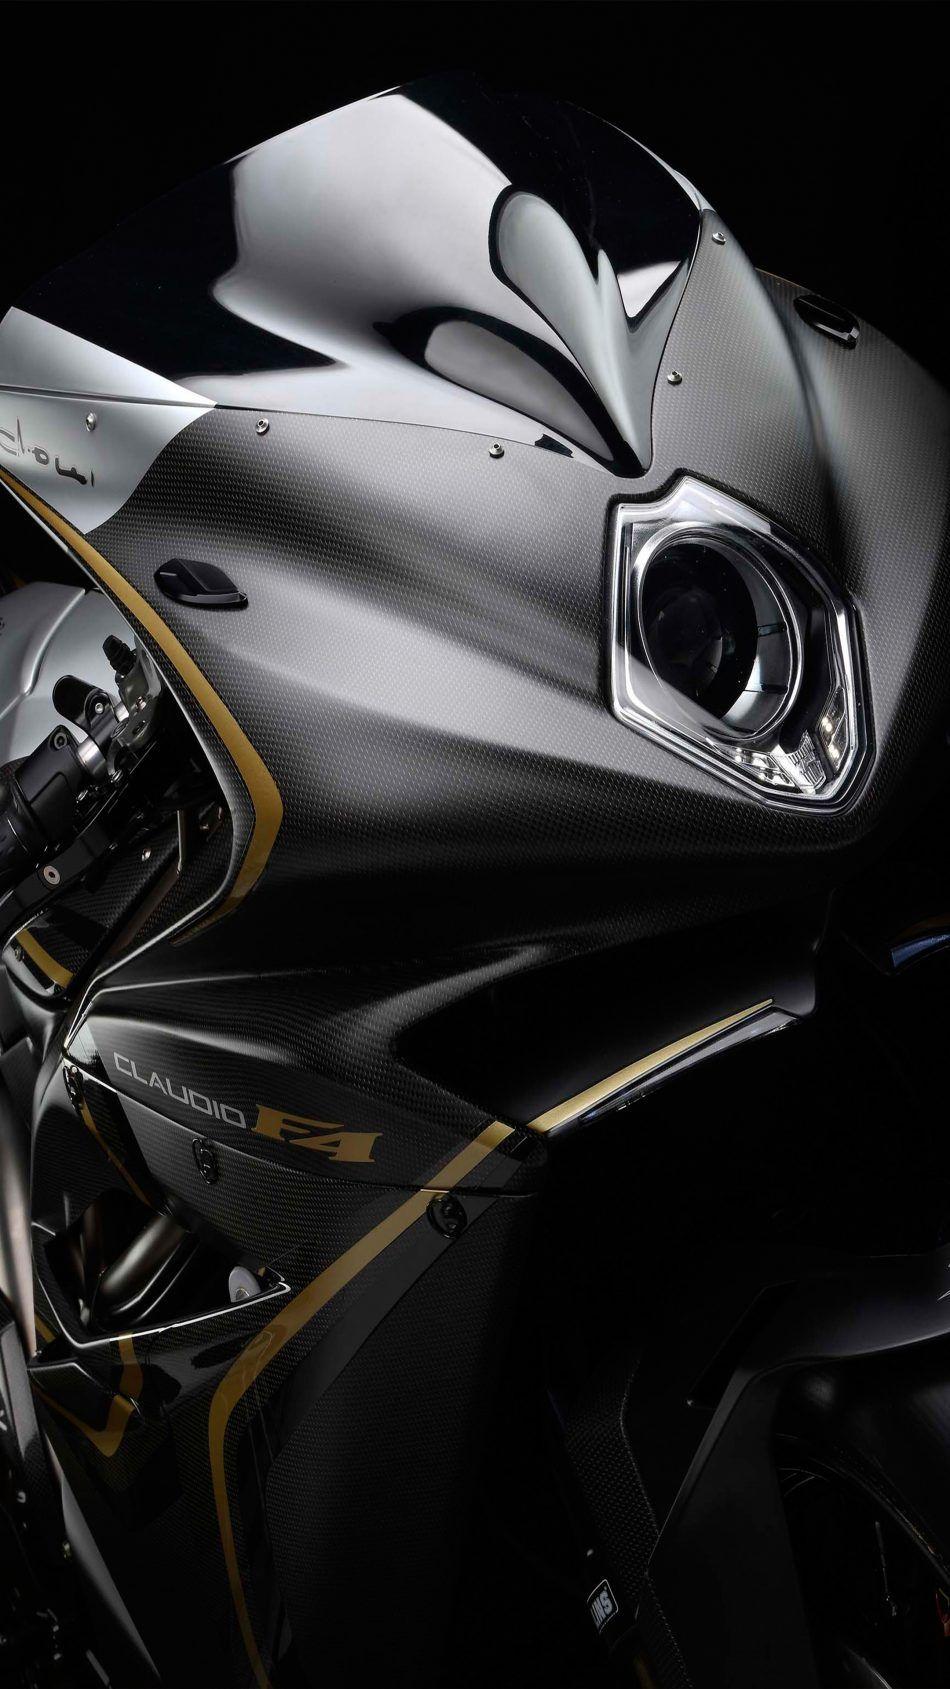 Mv Agusta F4 Claudio 2019 With Images Mv Agusta Super Bikes